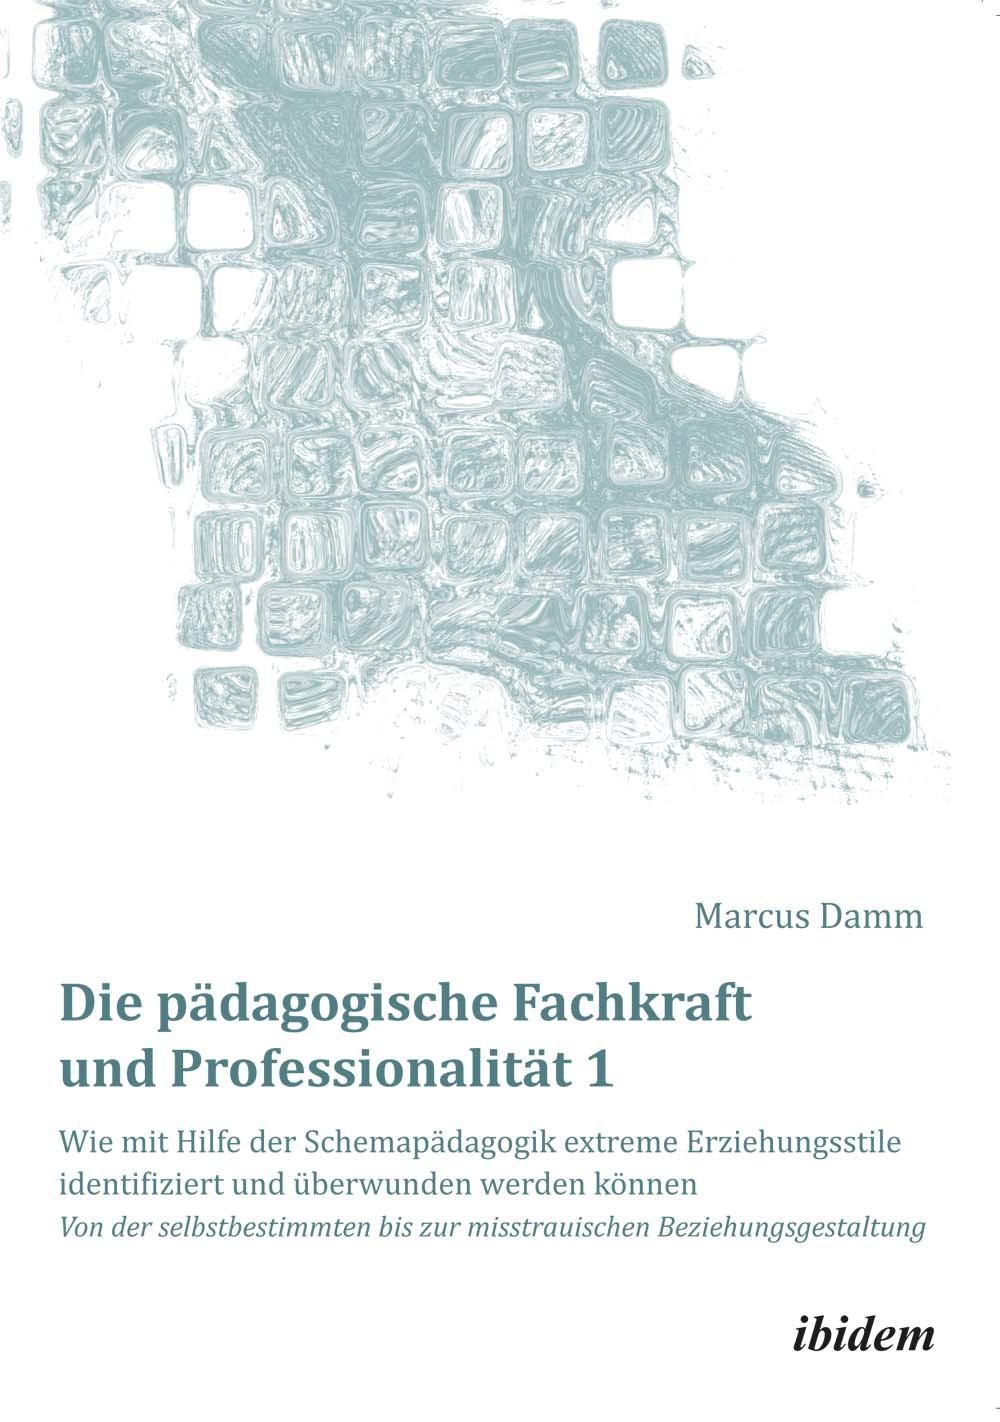 Die pädagogische Fachkraft und Professionalität: Wie mit Hilfe der Schemapädagogik extreme Erziehungsstile identifiziert und überwunden werden können (1)